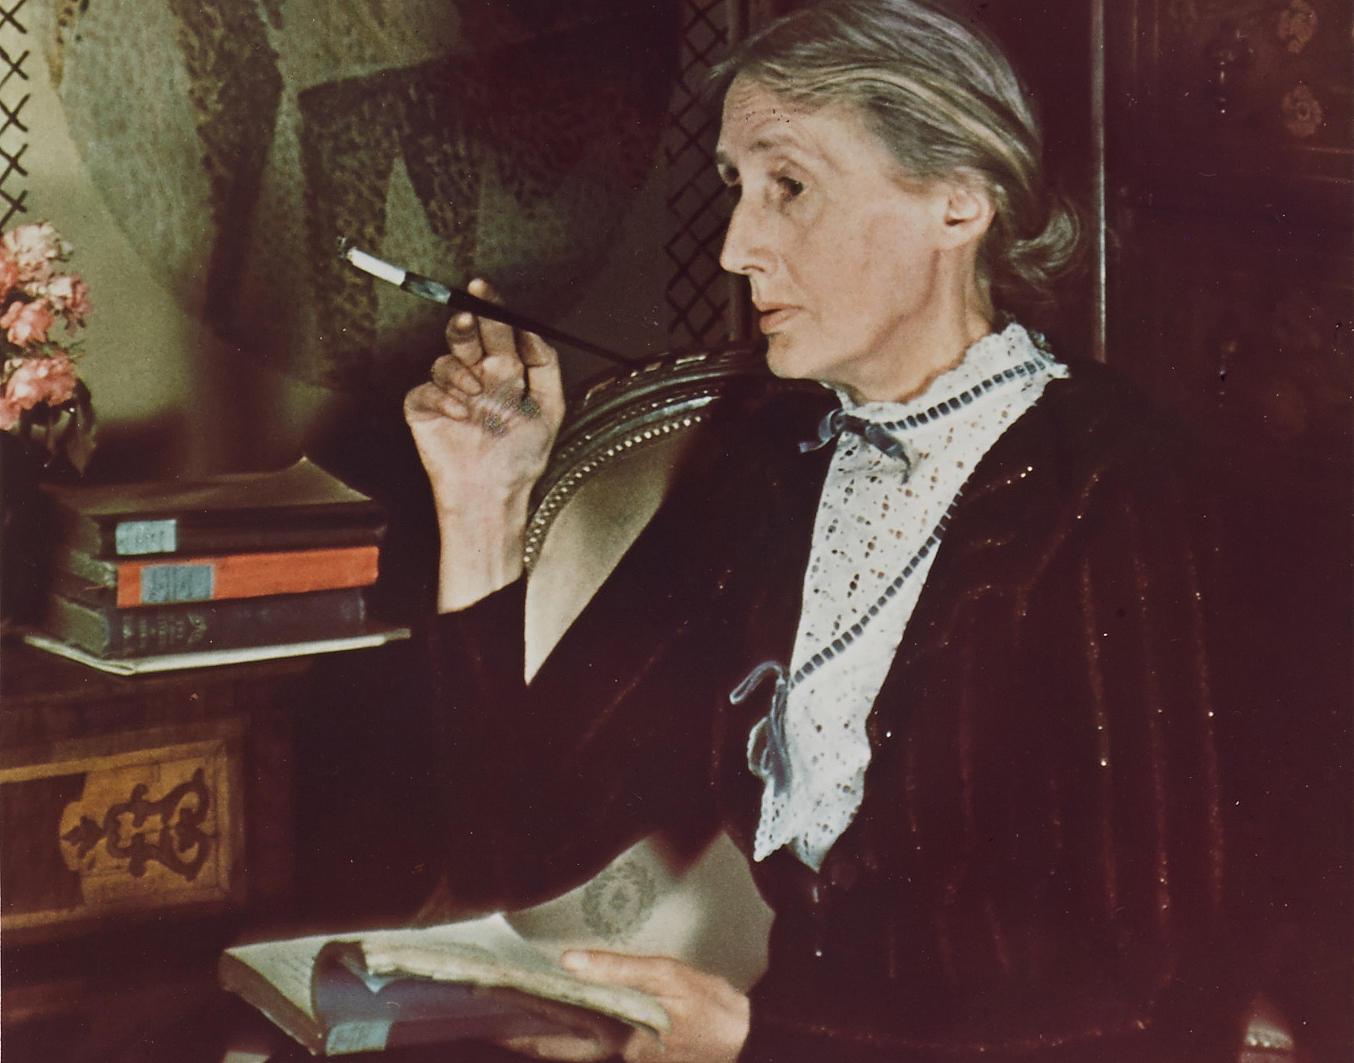 Вирджиния Вульф — ведущая фигура модернистской литературы первой половины XX века